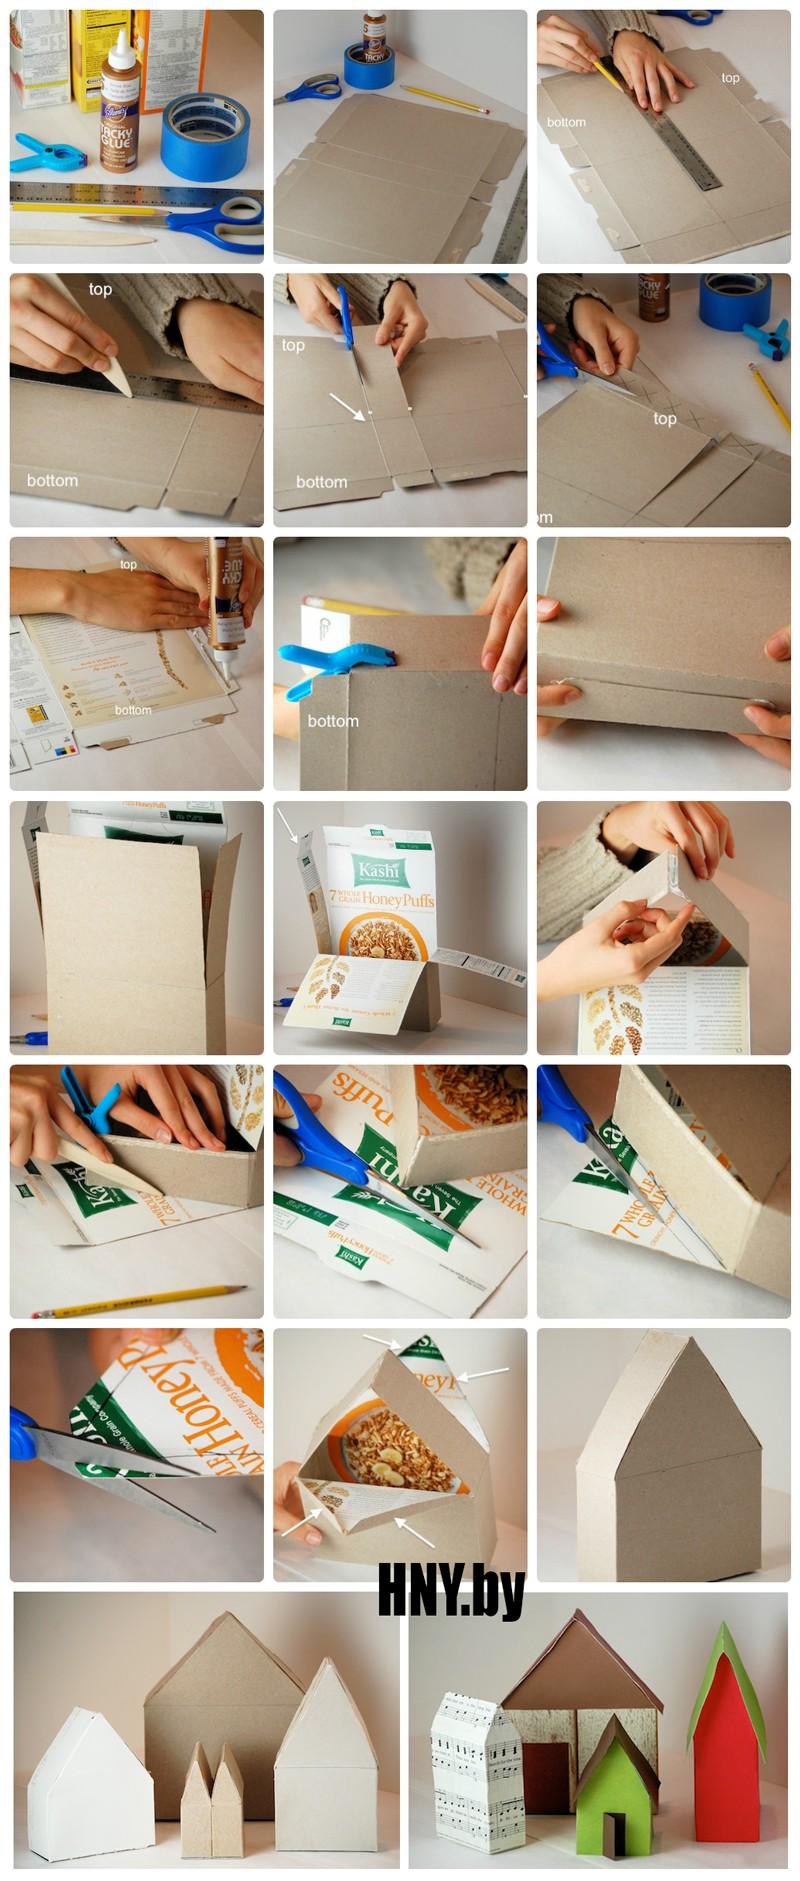 Домик из коробки своими руками, новогодние поделки из подручных материалов